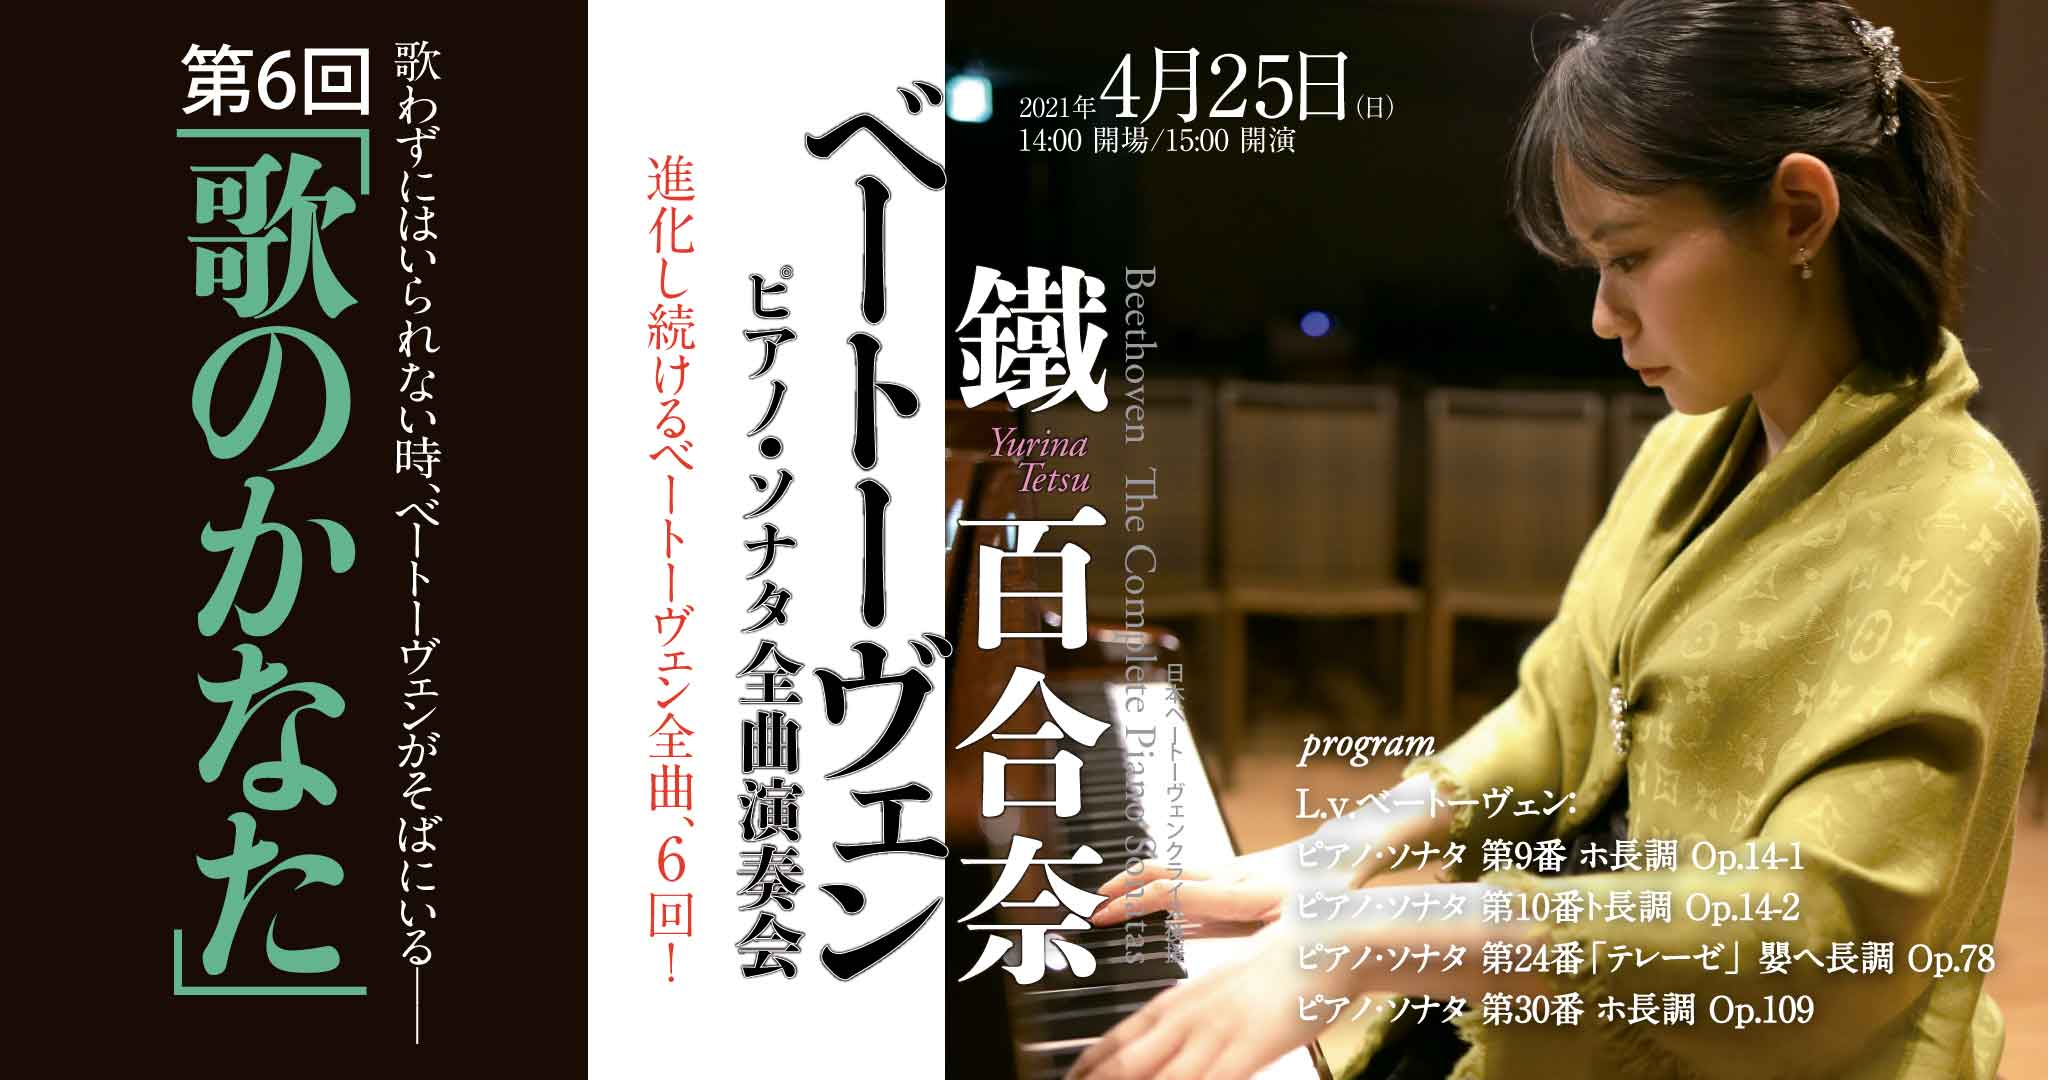 【完売】鐵百合奈ベートーヴェン ピアノ・ソナタ全曲演奏会<第6回>「歌のかなた」